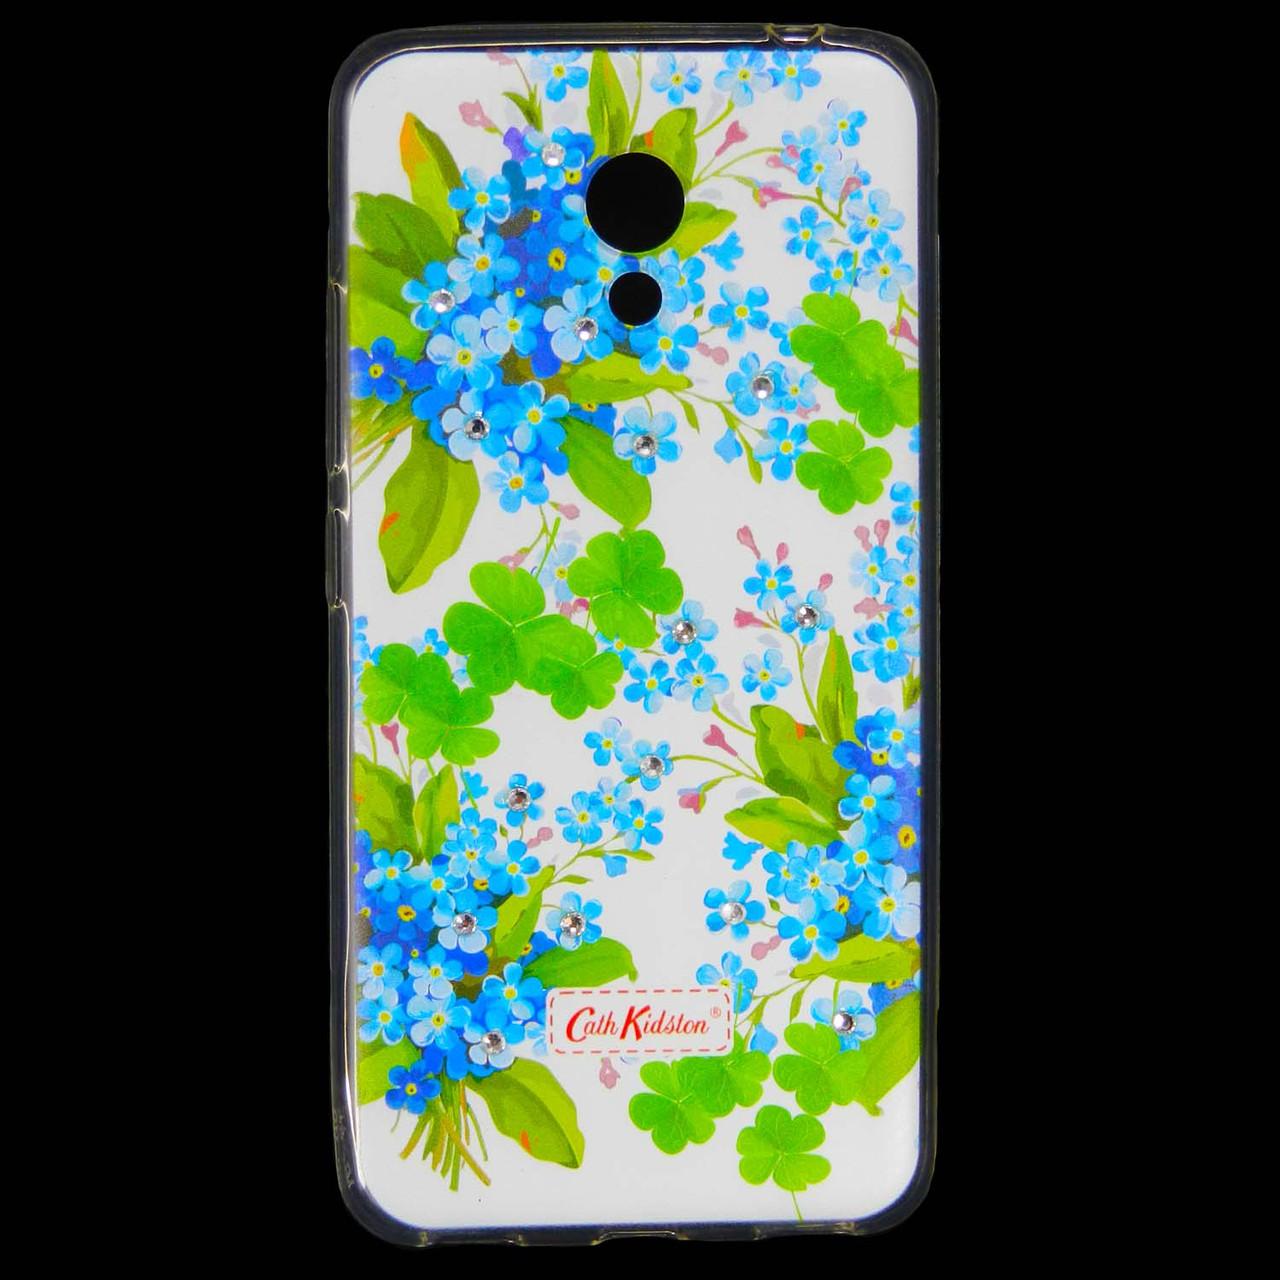 Чехол накладка для Meizu M5c силиконовый Diamond Cath Kidston, Прекрасные незабудки